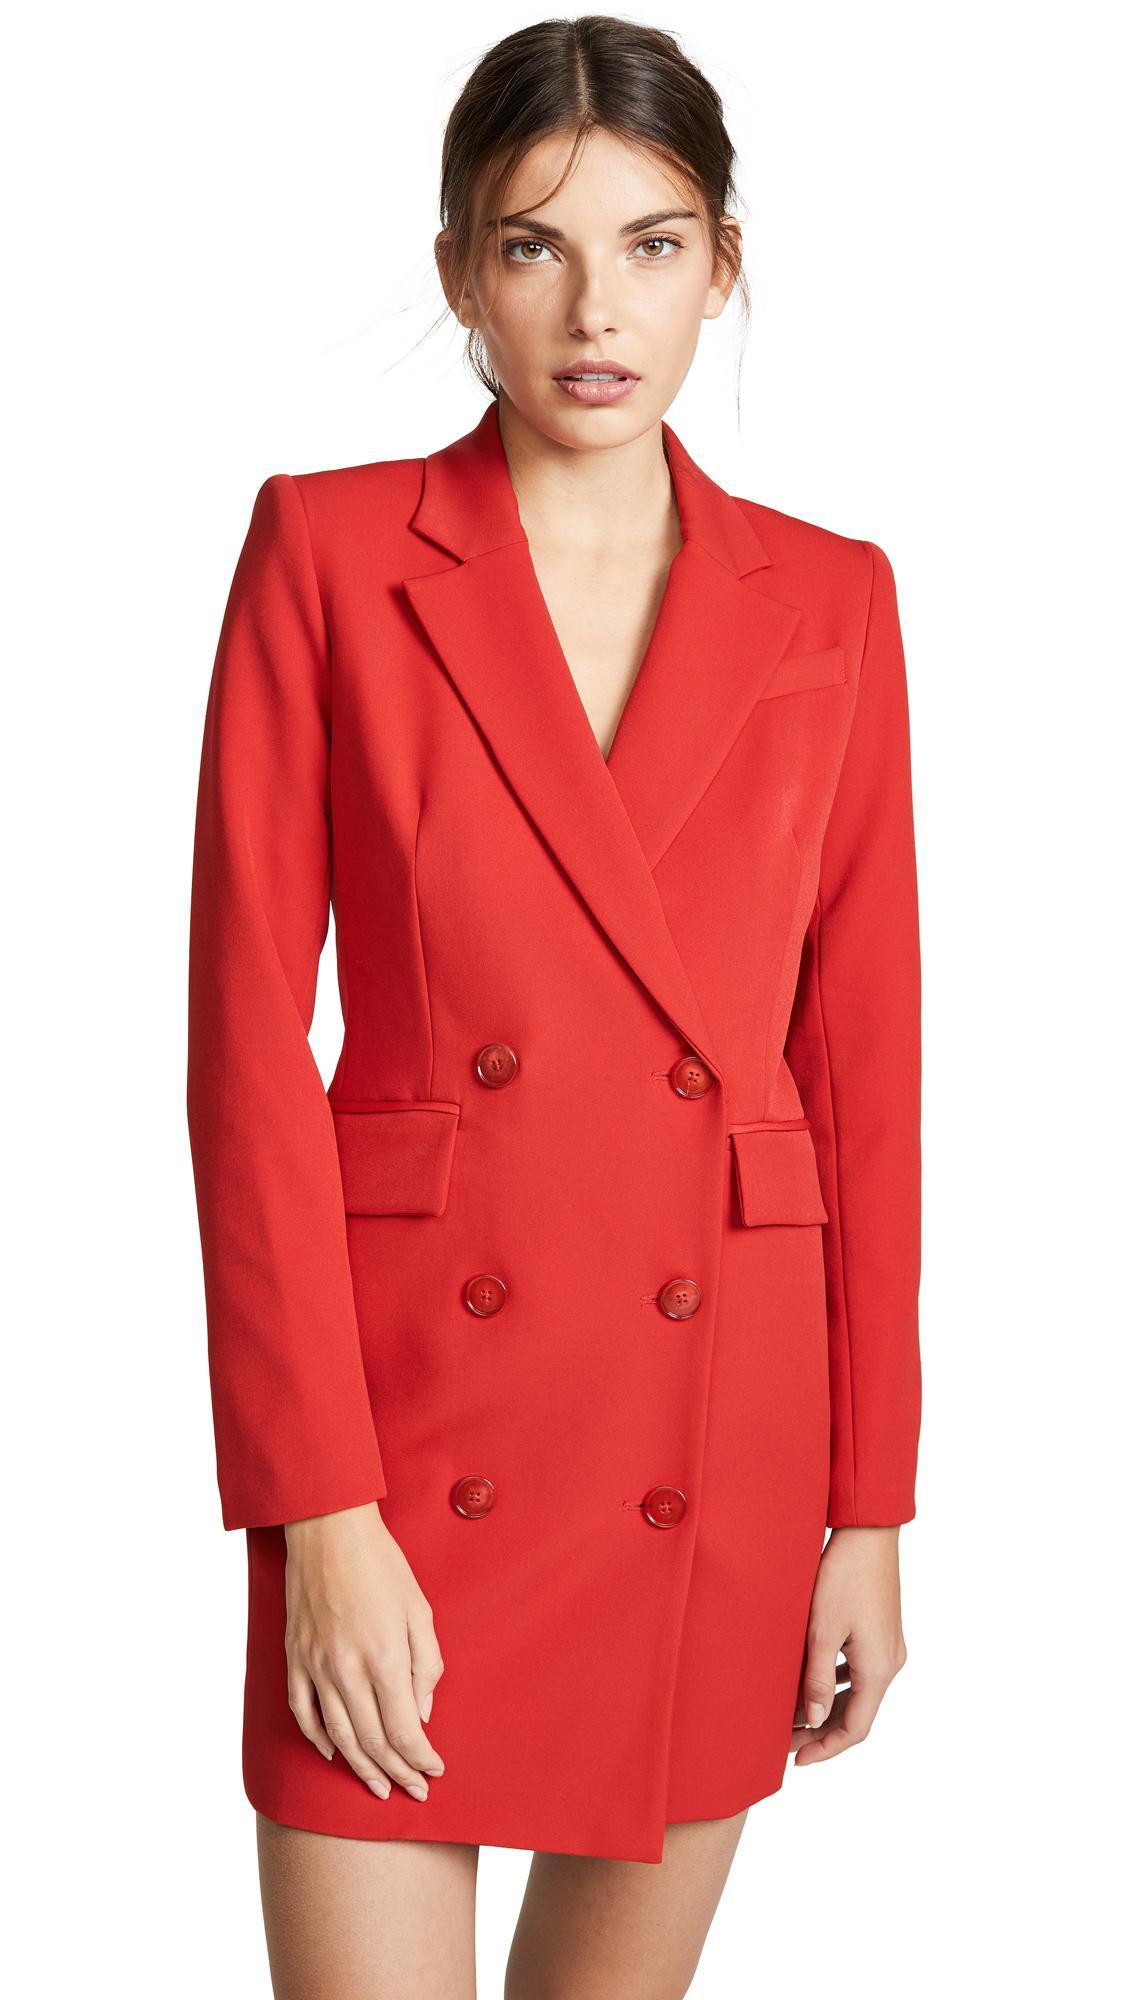 Milly Blazer Mini Dress In Ruby